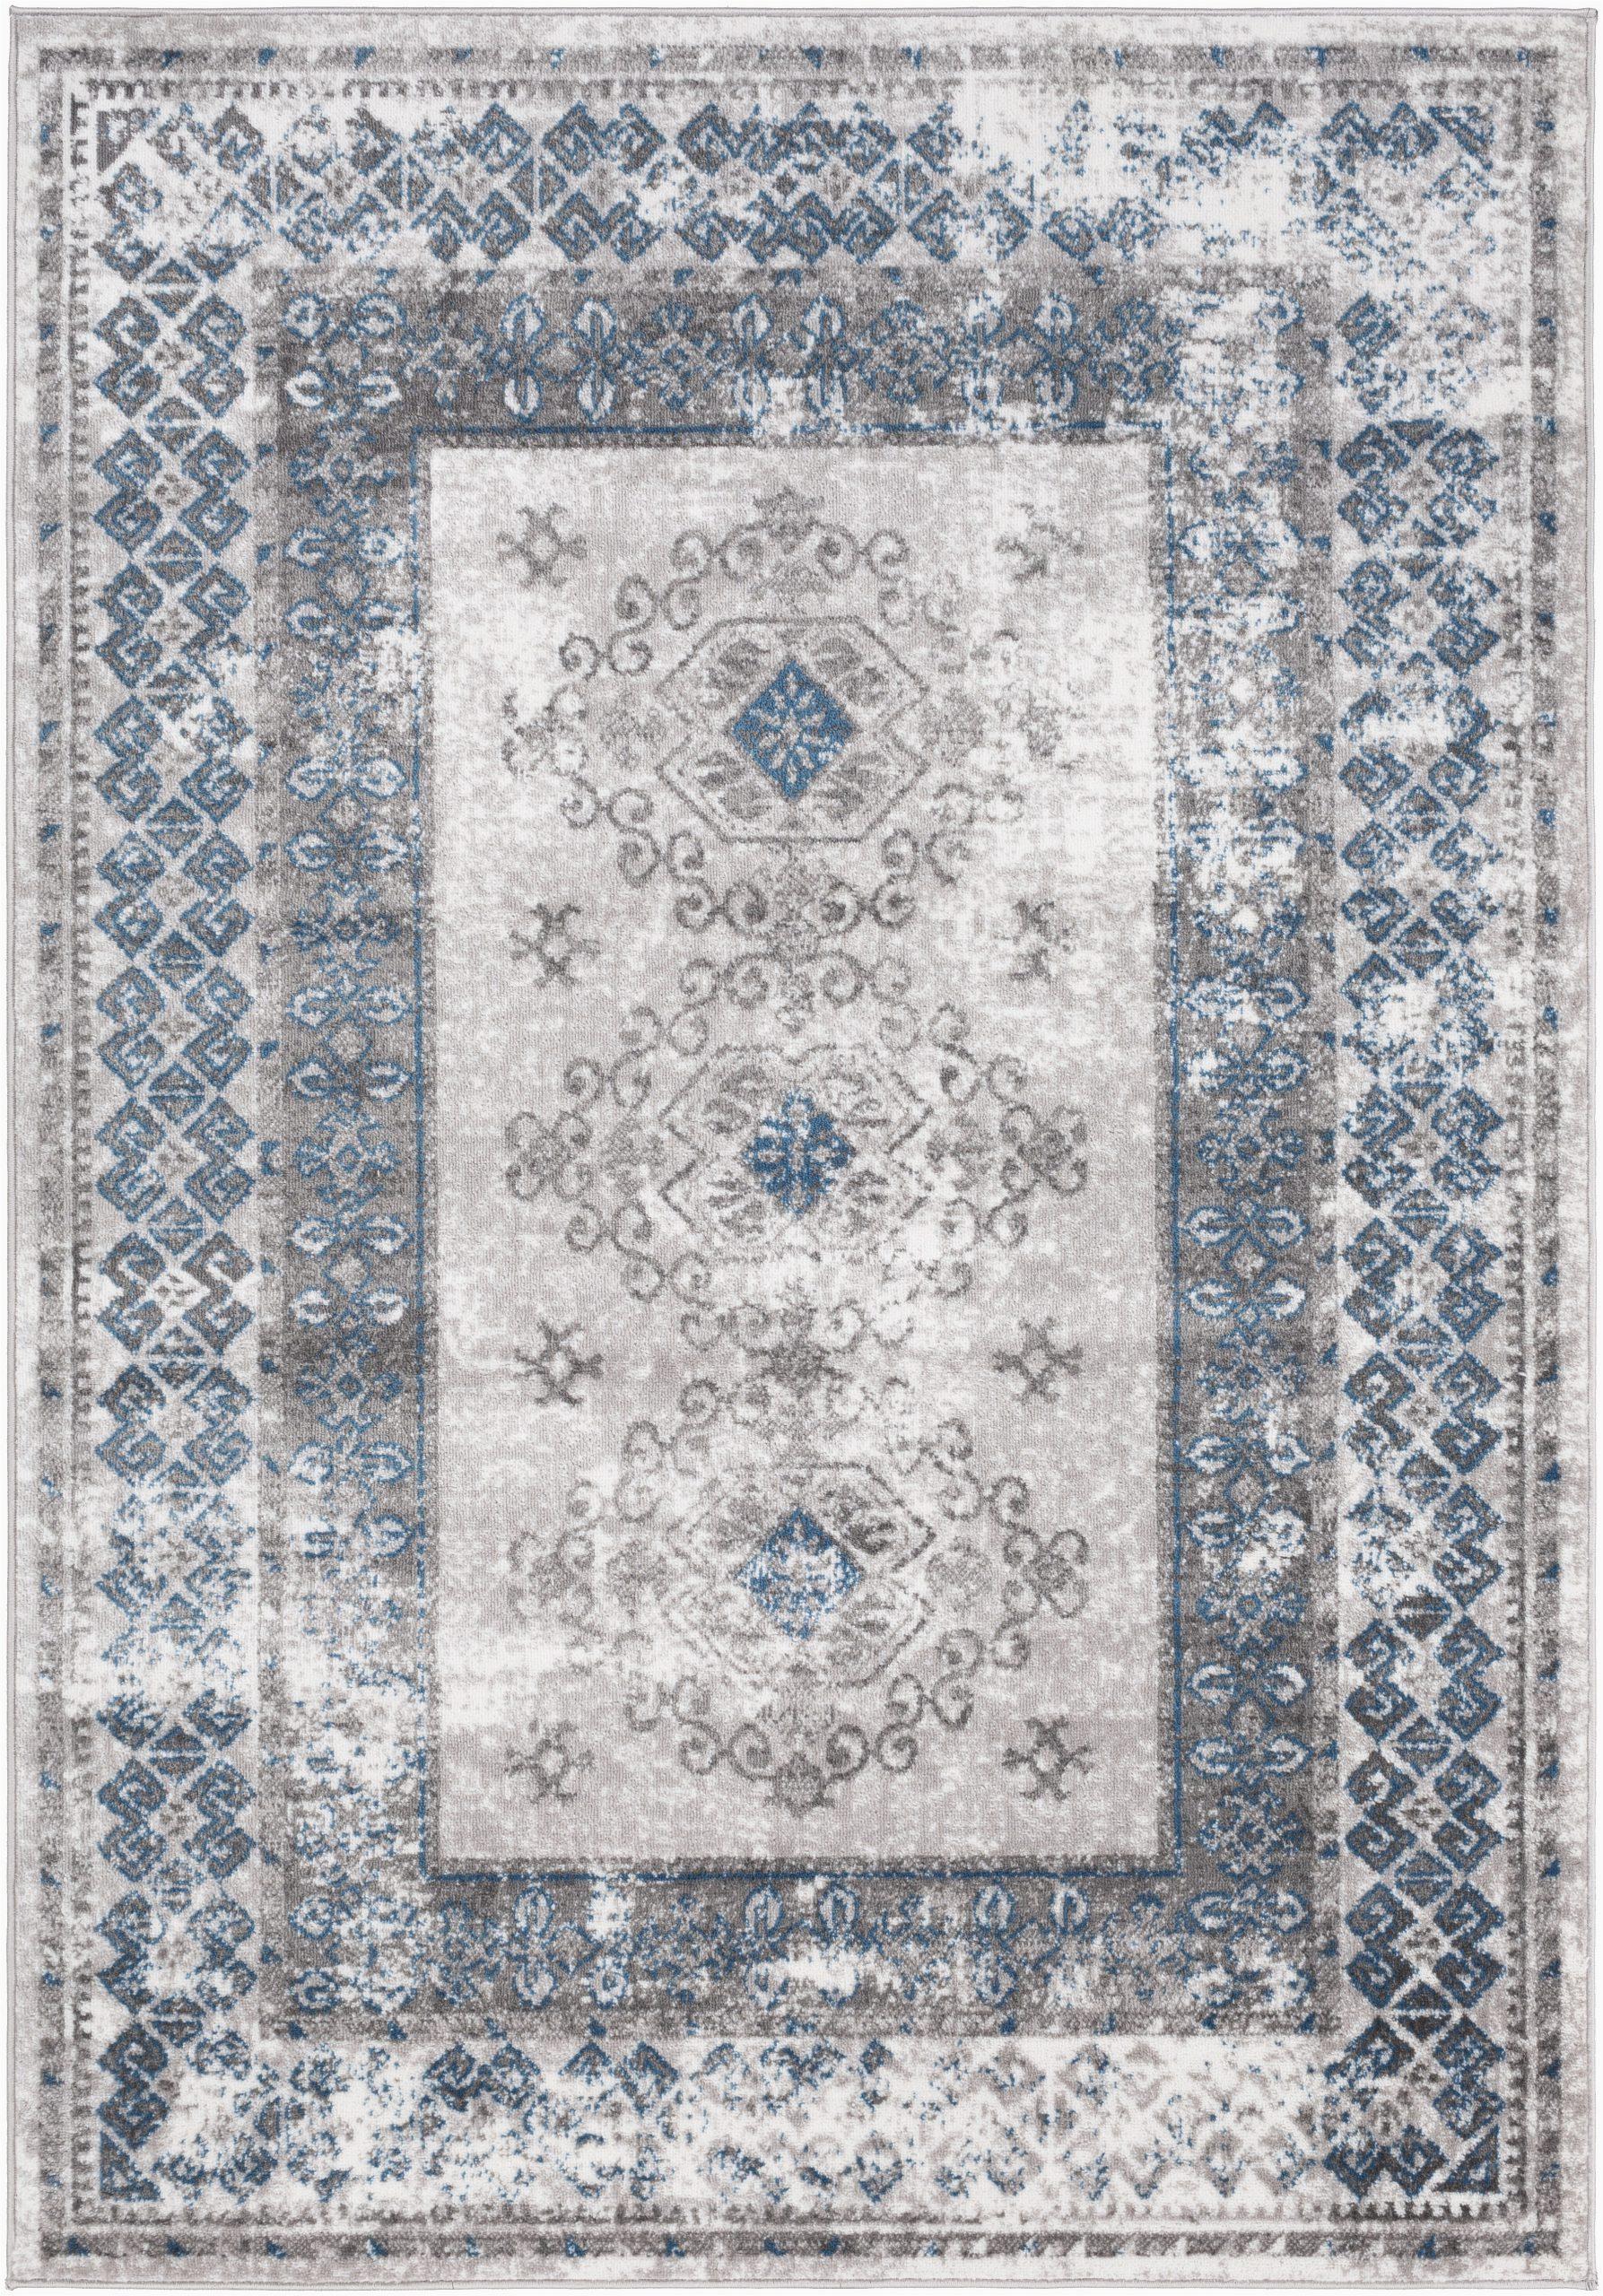 ranck oriental taupeblue area rug